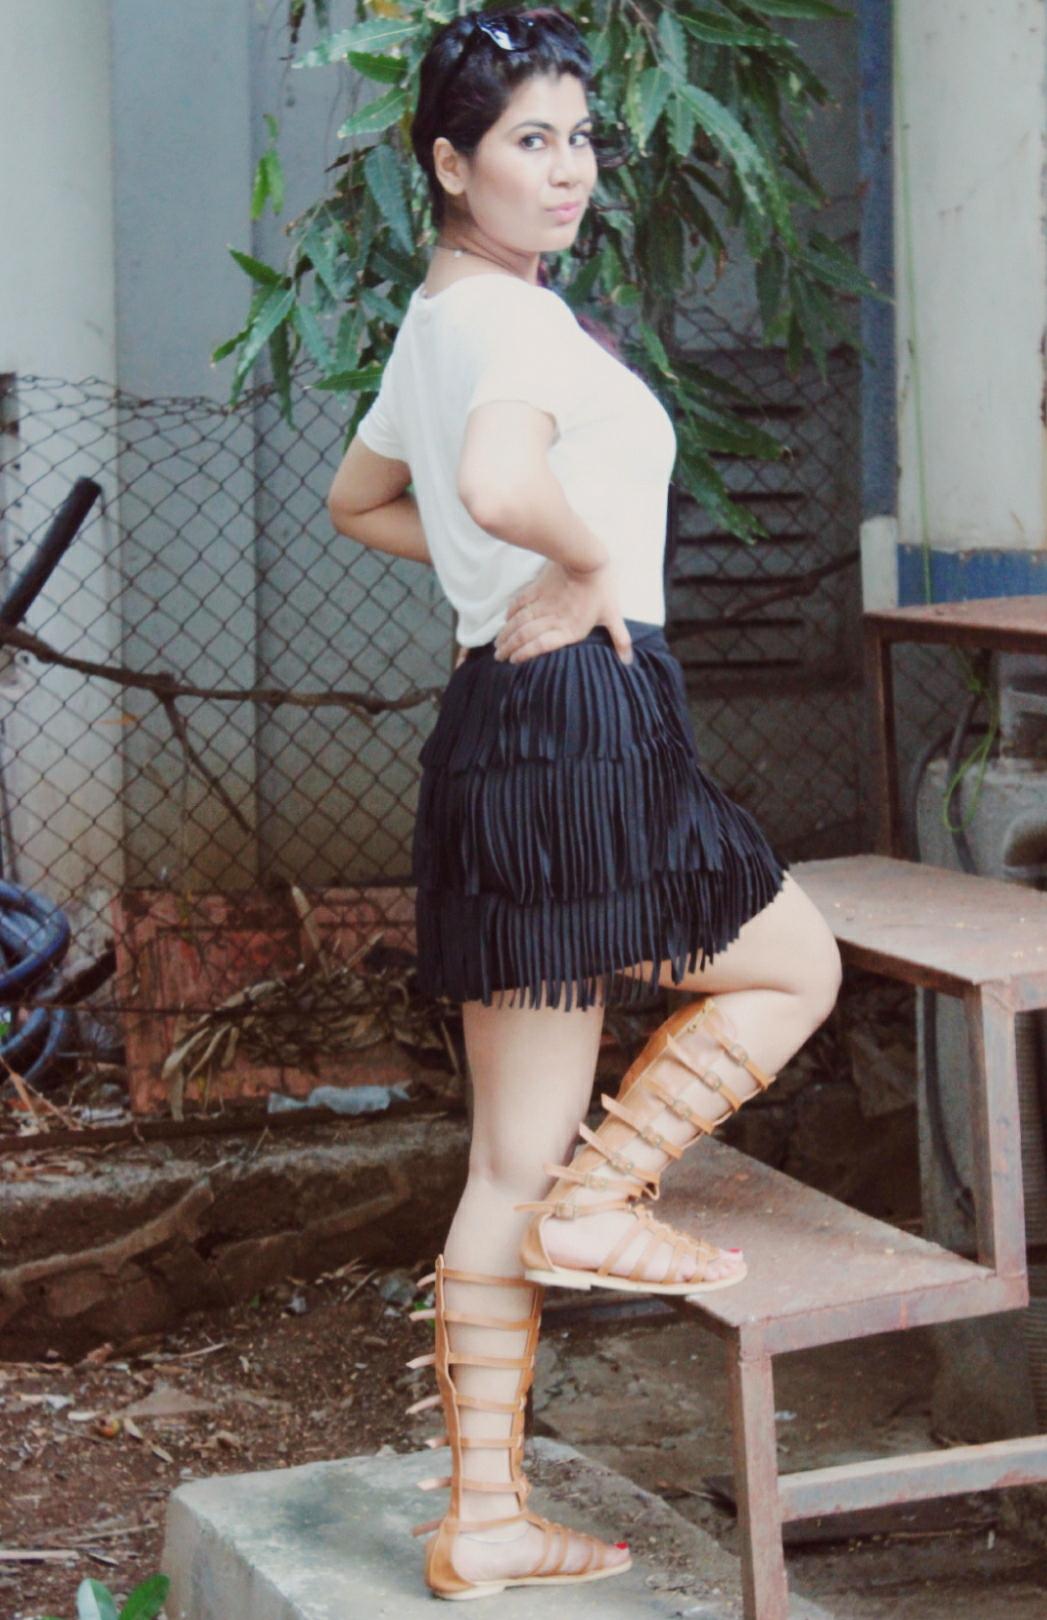 Fringe skirt and gladiator shoes